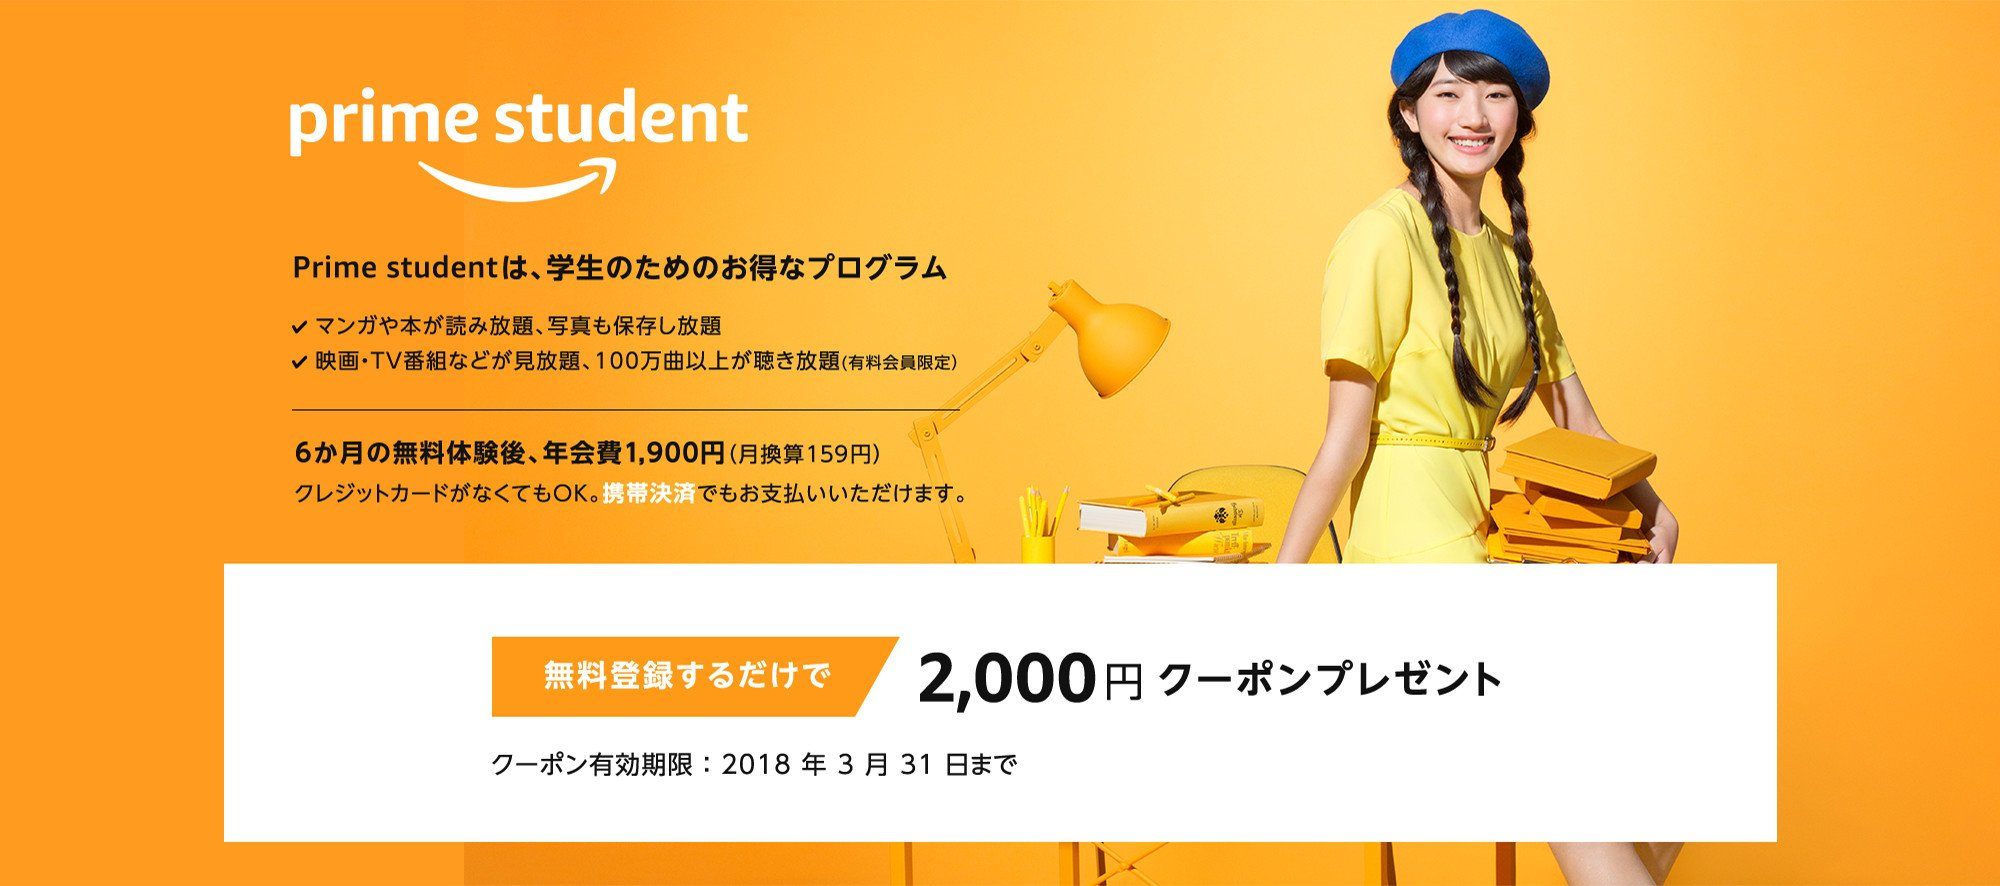 無料登録するだけで2,000円クーポンプレゼント